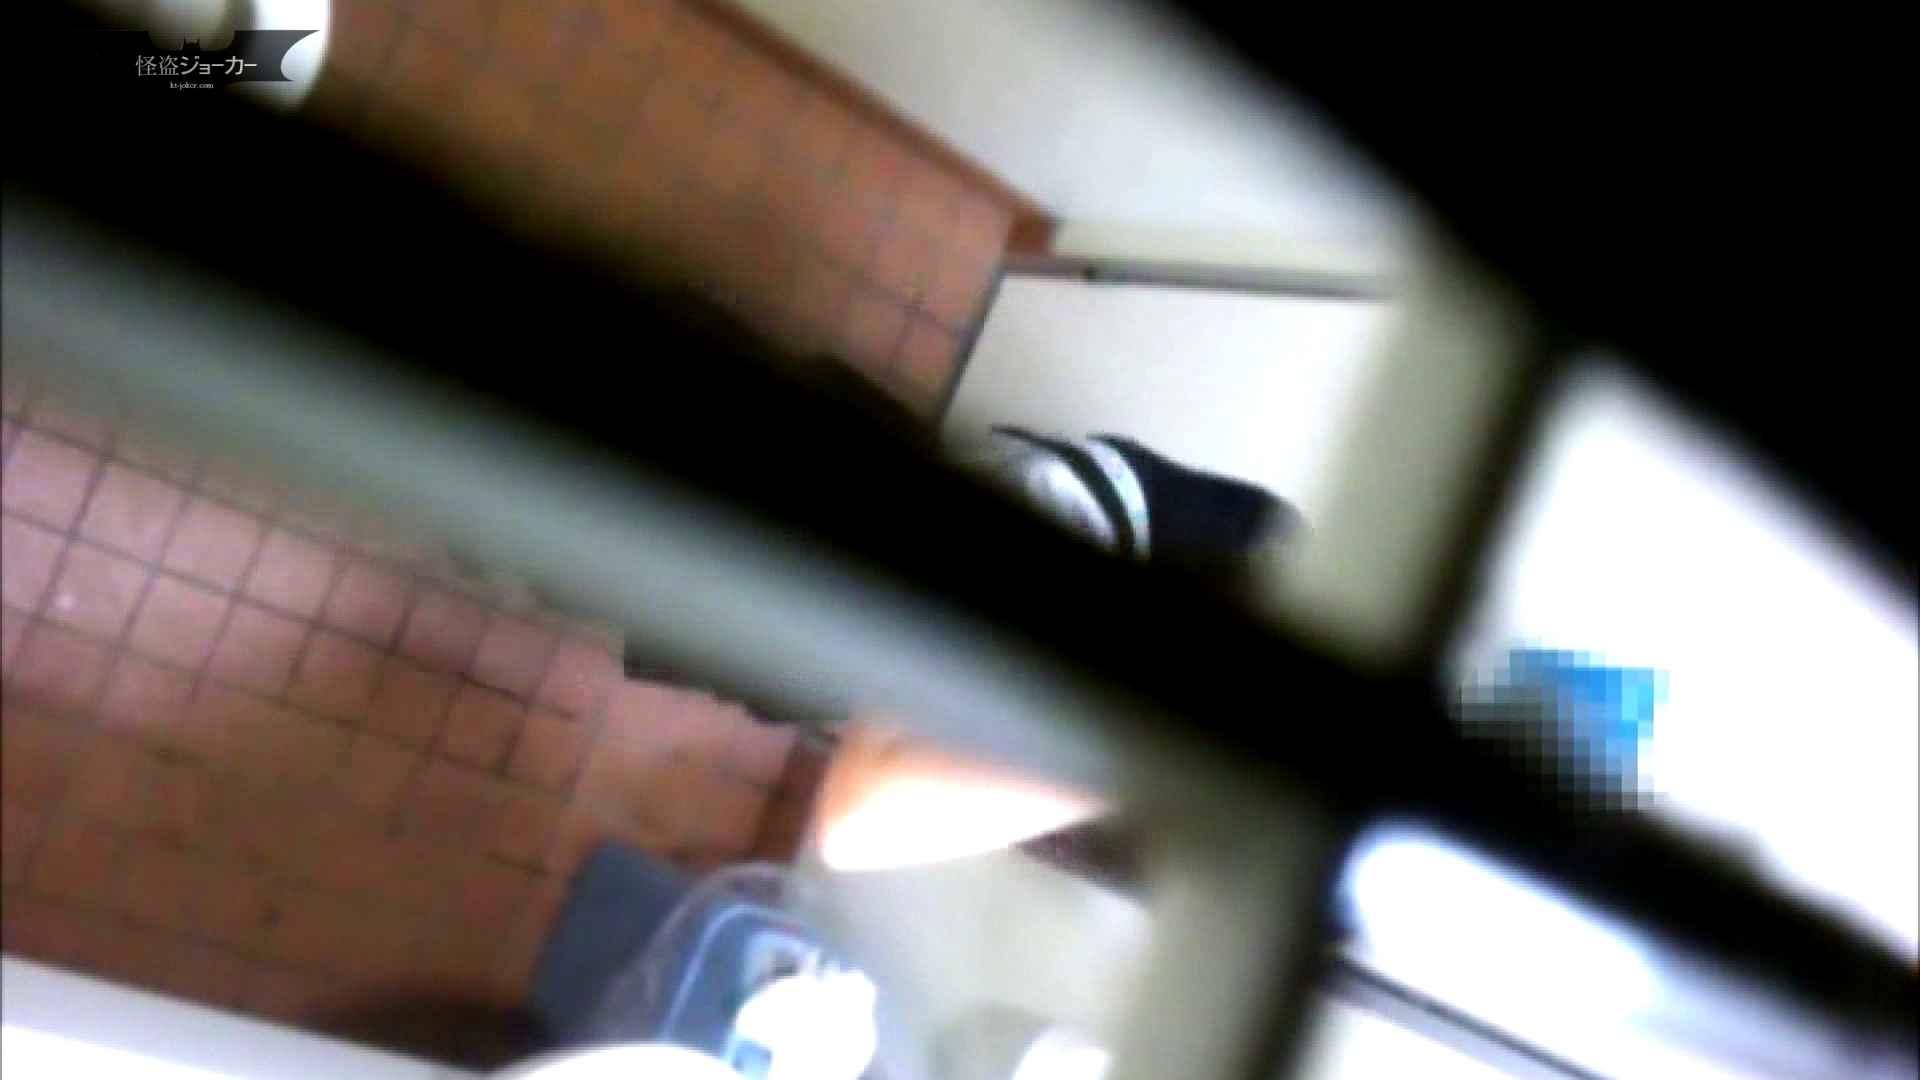 店長代理の盗撮録 Vol.02 制服ばかりをあつめてみました。その2 期間限定シリーズ セックス画像 58画像 7